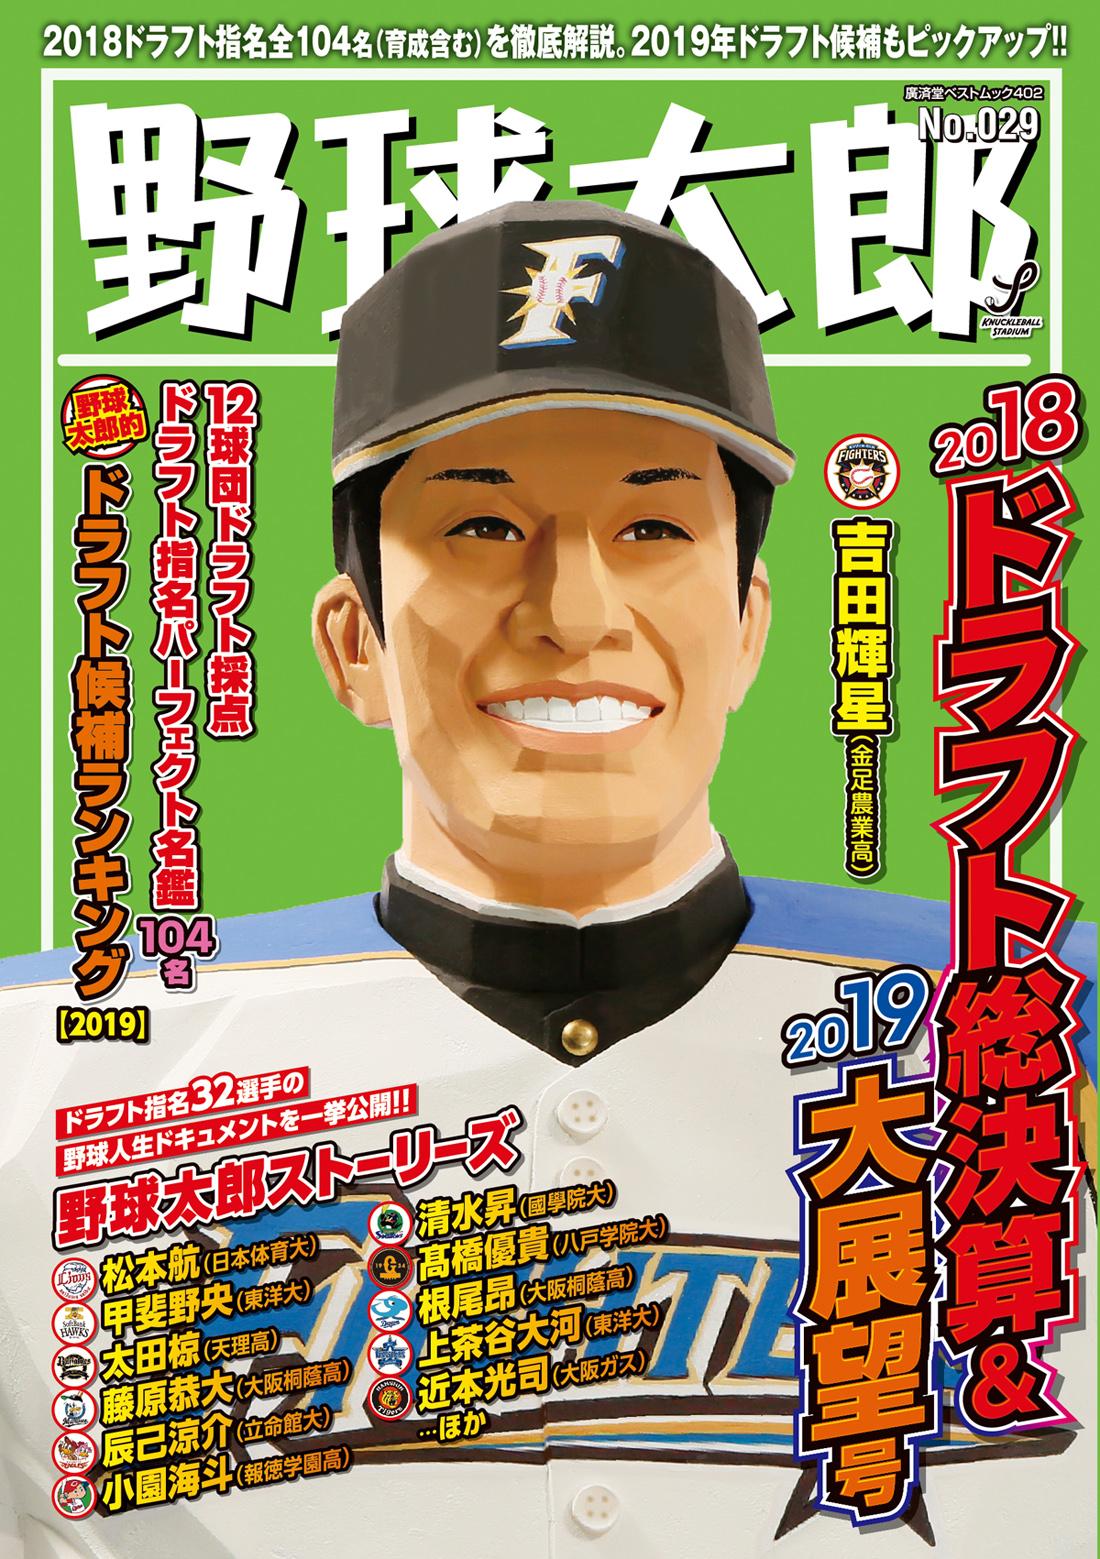 『野球太郎No.029 2018ドラフト総決算&2019大展望号』は11月26日発売!